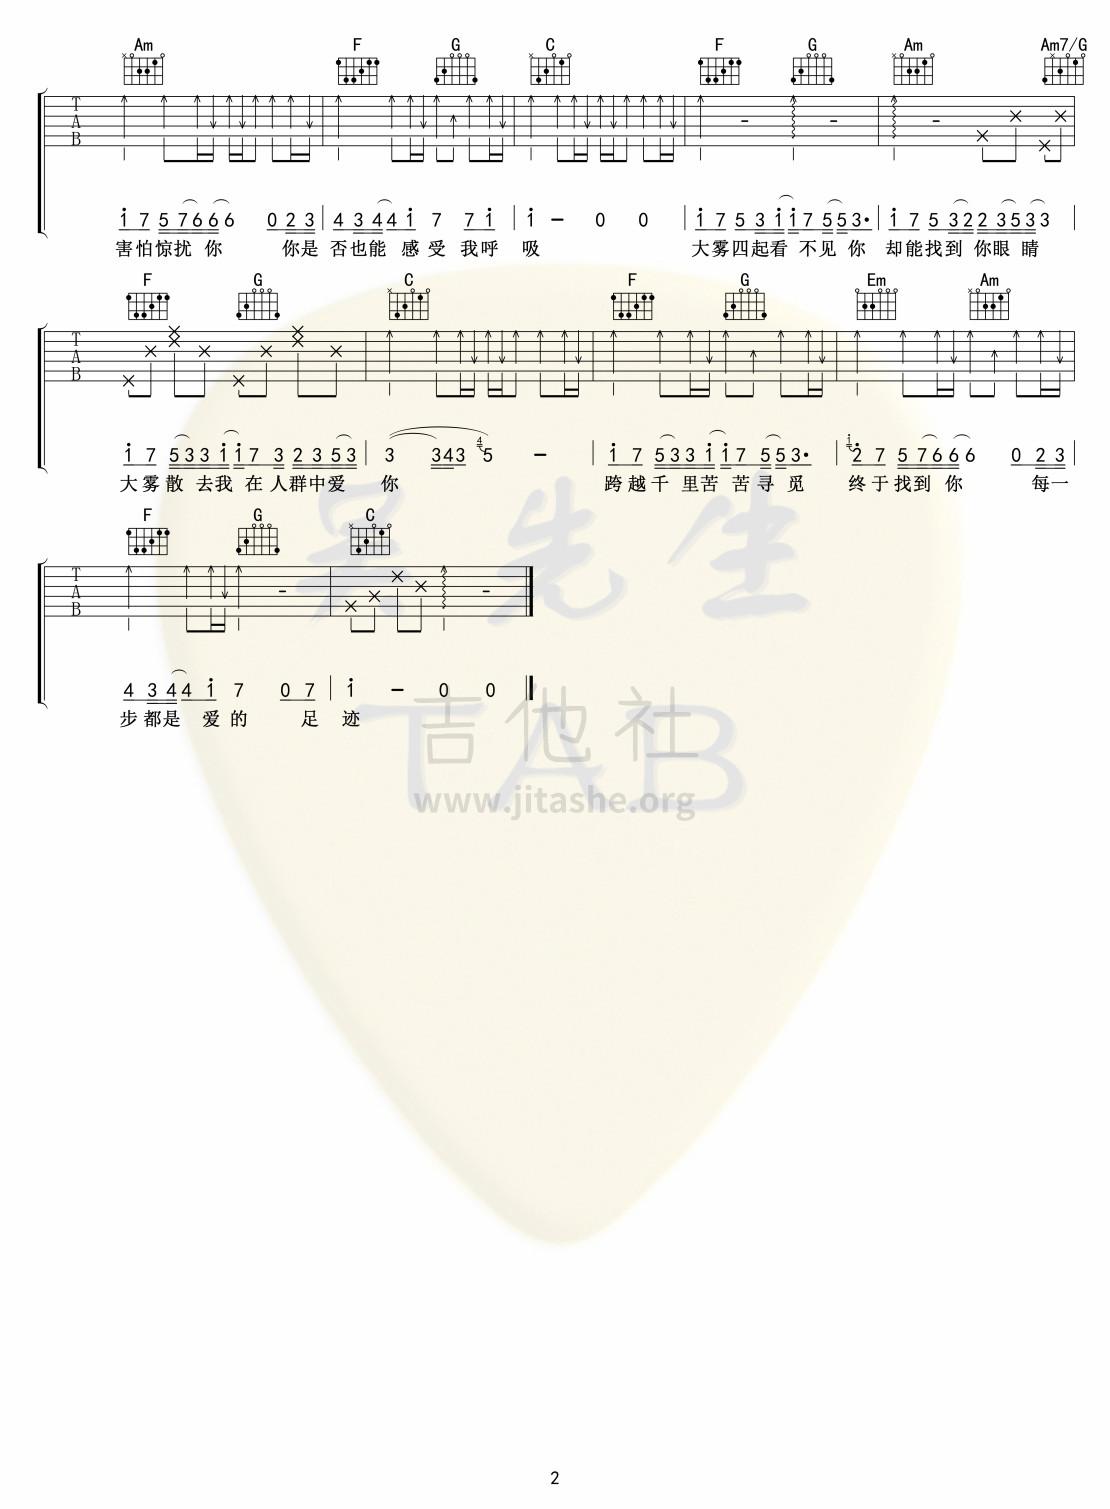 大雾吉他谱(图片谱,弹唱)_张一乔_大雾02.jpg